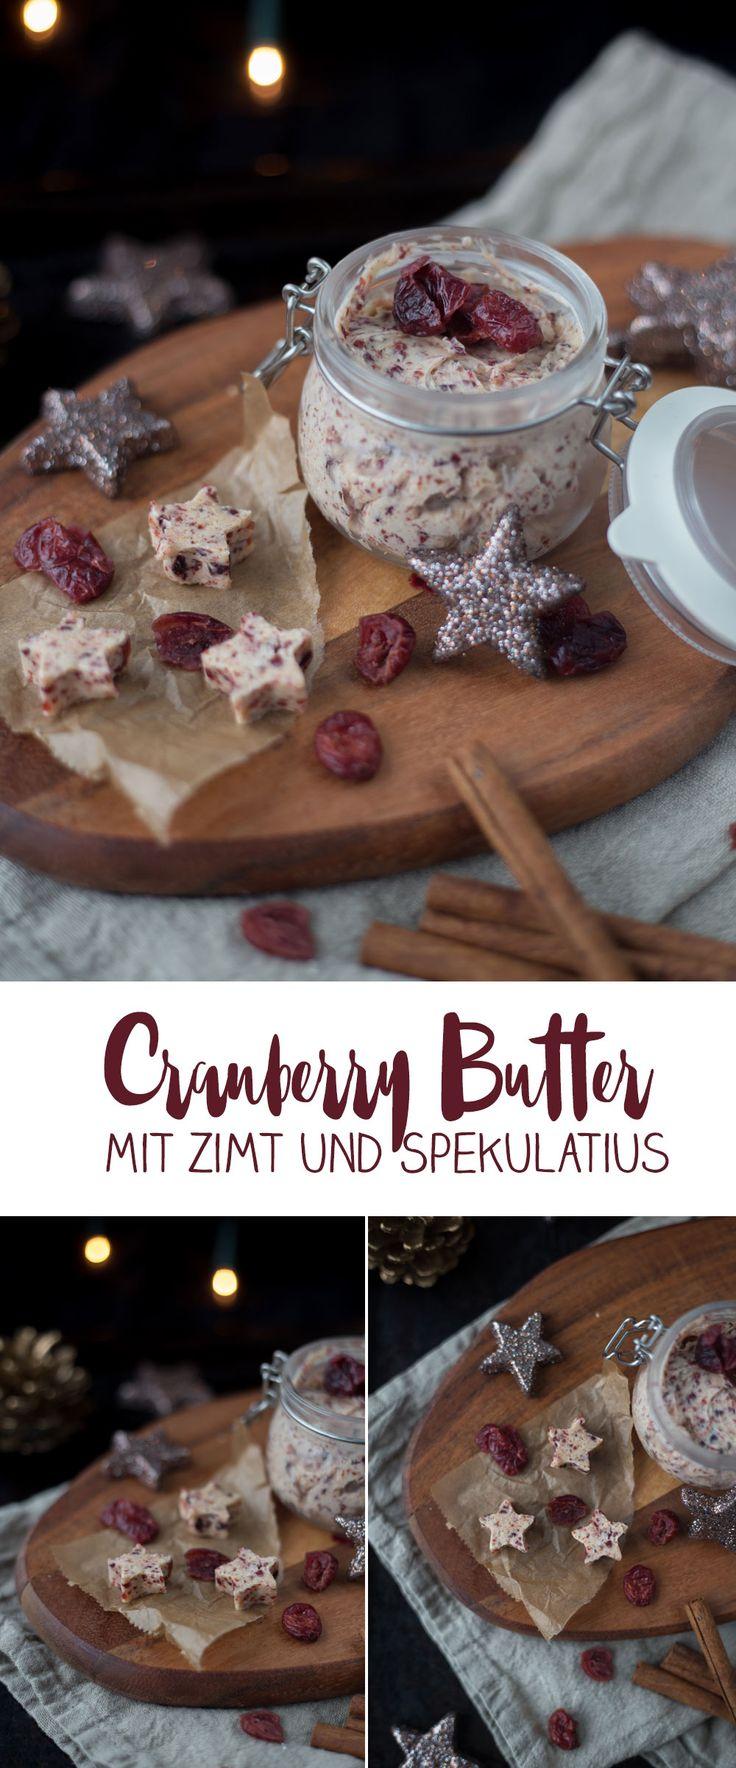 Cranberry Butter mit Zimt und Spekulatius - Last Minute DIY Geschenke aus der Küche - Weihnachtsfrühstück Rezeptidee auf Kreativfieber